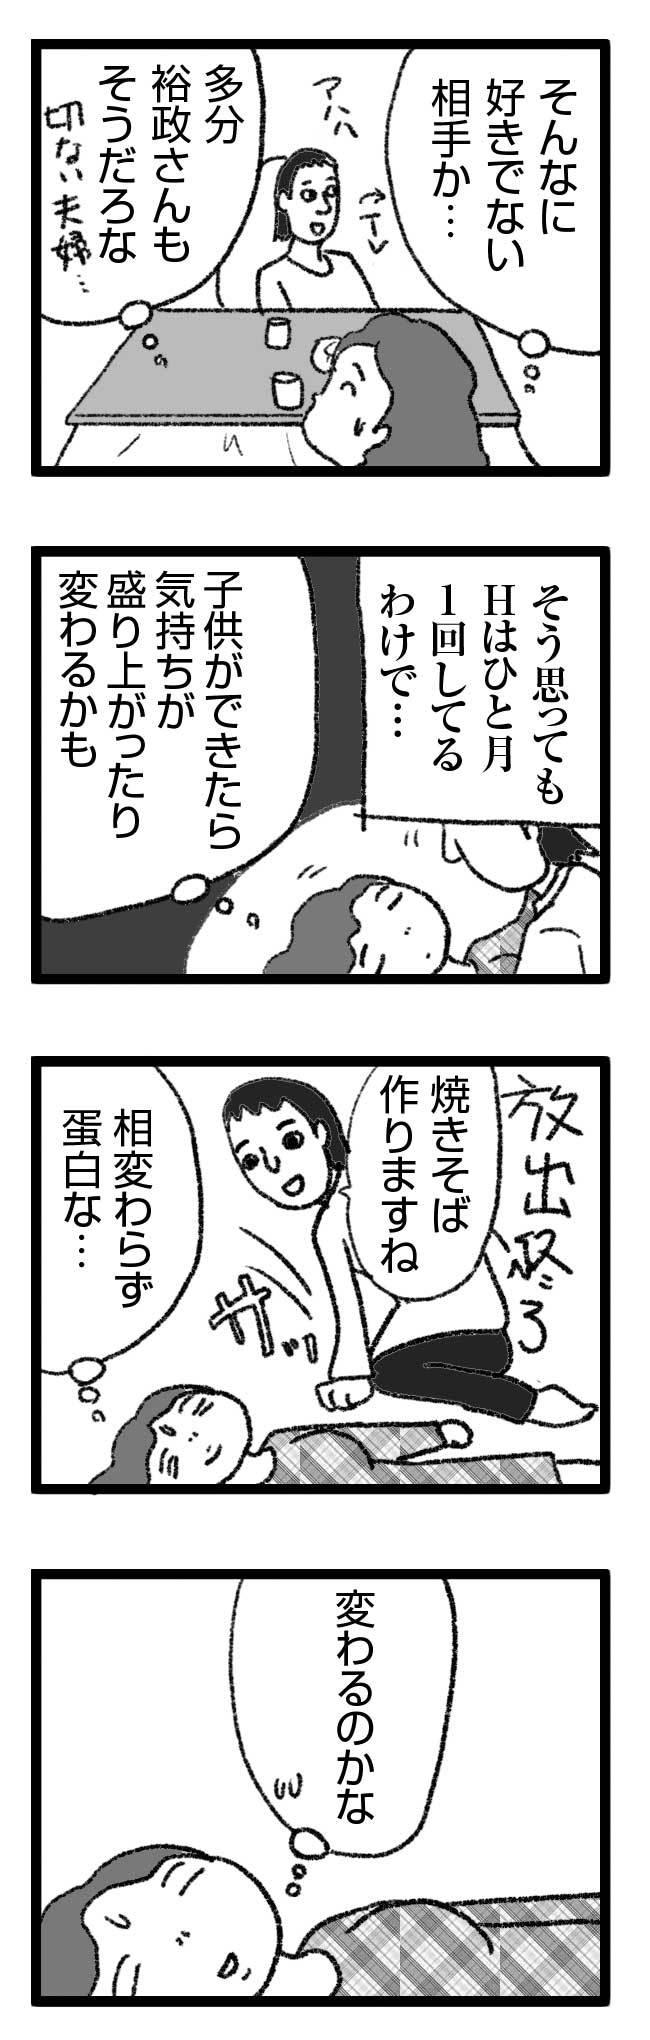 しかしモヤモヤ1 好きじゃない 結婚 謎 秘密 夫婦 ひみつ レス sex 漫画 マンガ まんが レス セックスレス スキンシップ